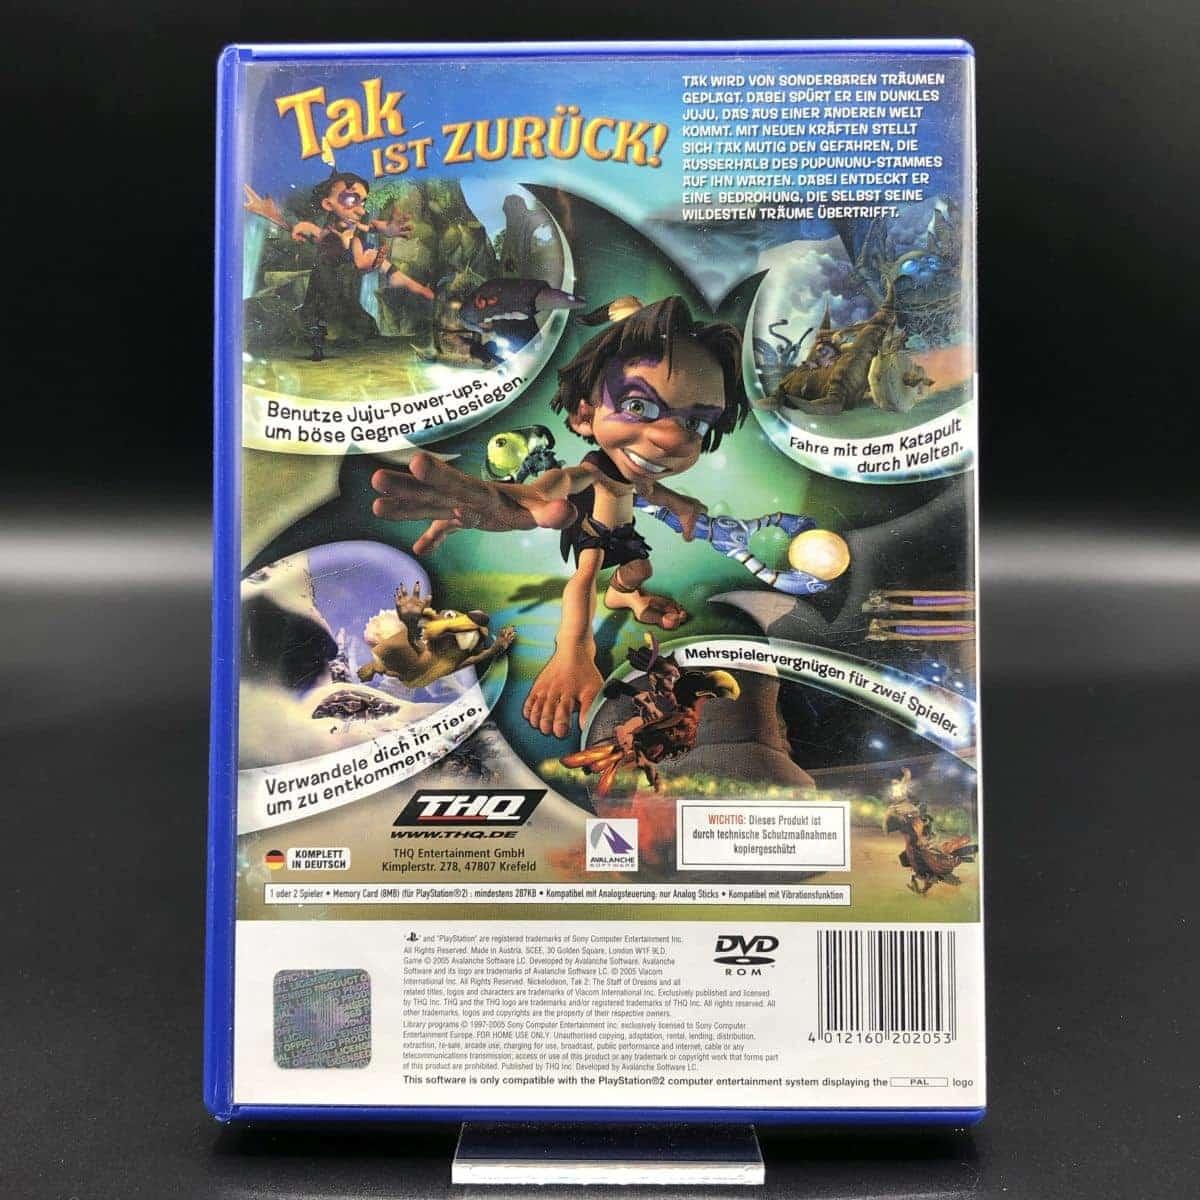 PS2 Tak 2: Der Stab der Träume (Komplett) (Sehr gut) Sony PlayStation 2